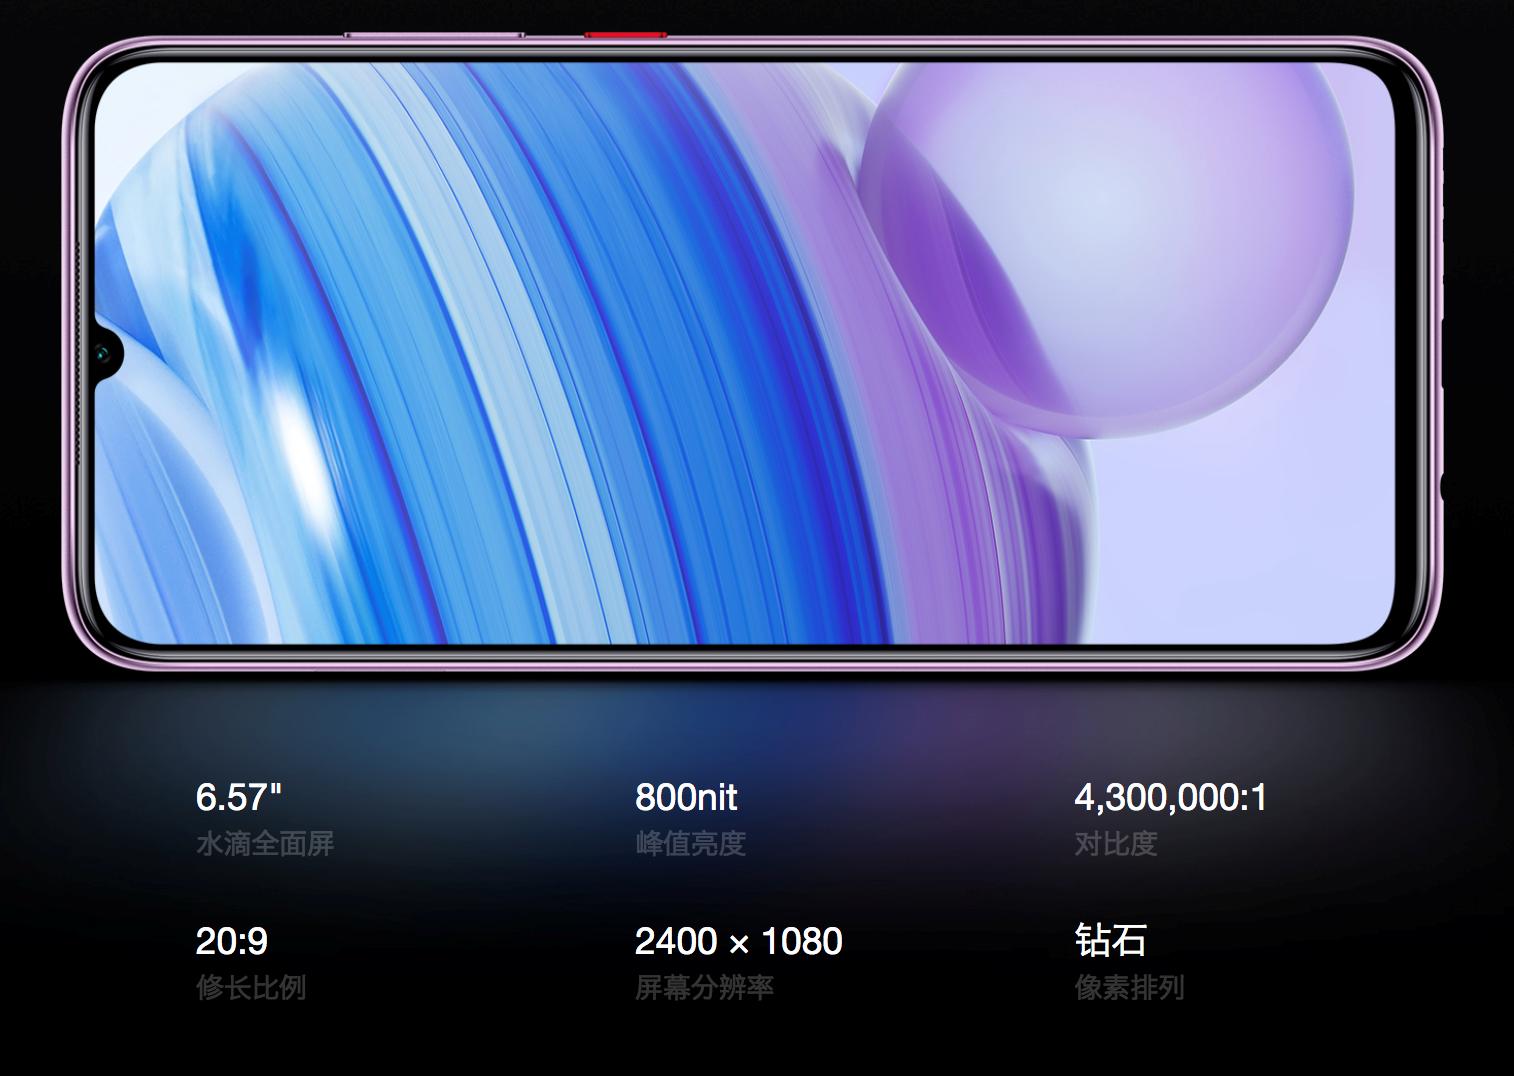 小米手机Redmi 10X国美电器新零售打开预购 名额有限